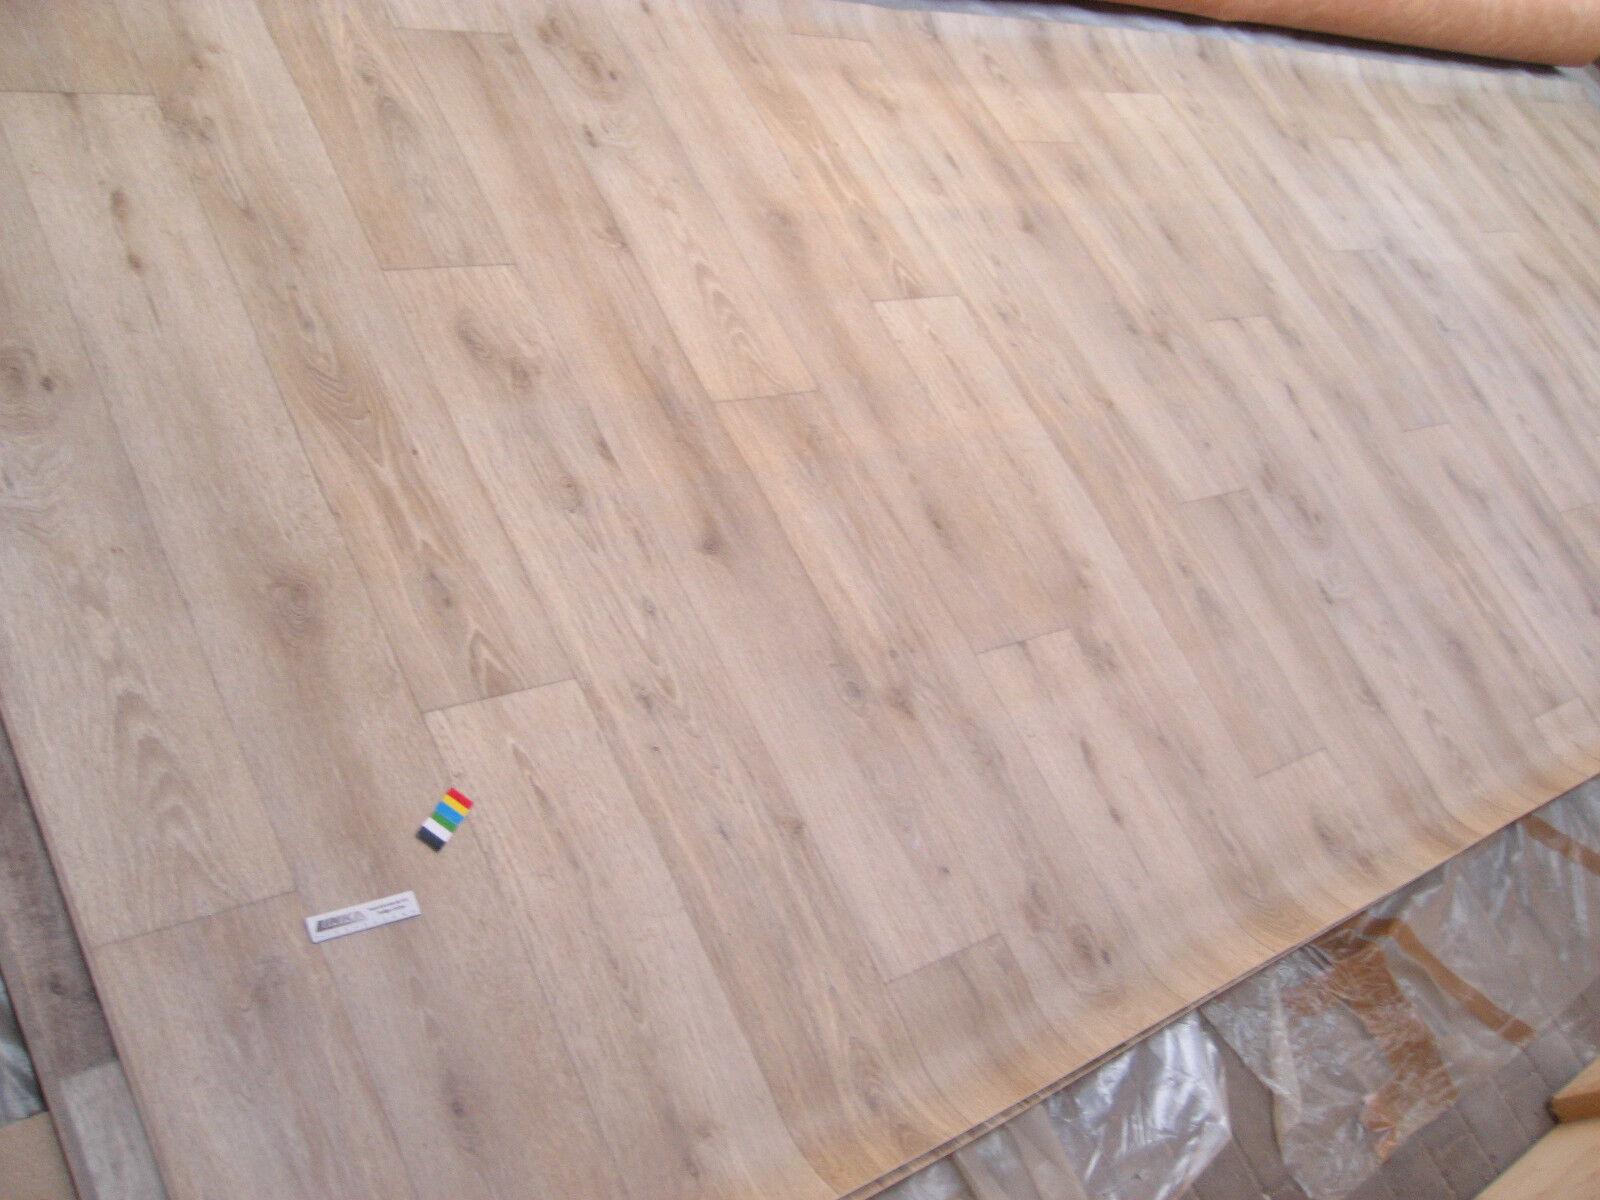 7571 PVC Belag 181x500 Boden Bodenbelag Rest Cv Eiche Landhaus Dielen Holz Dekor